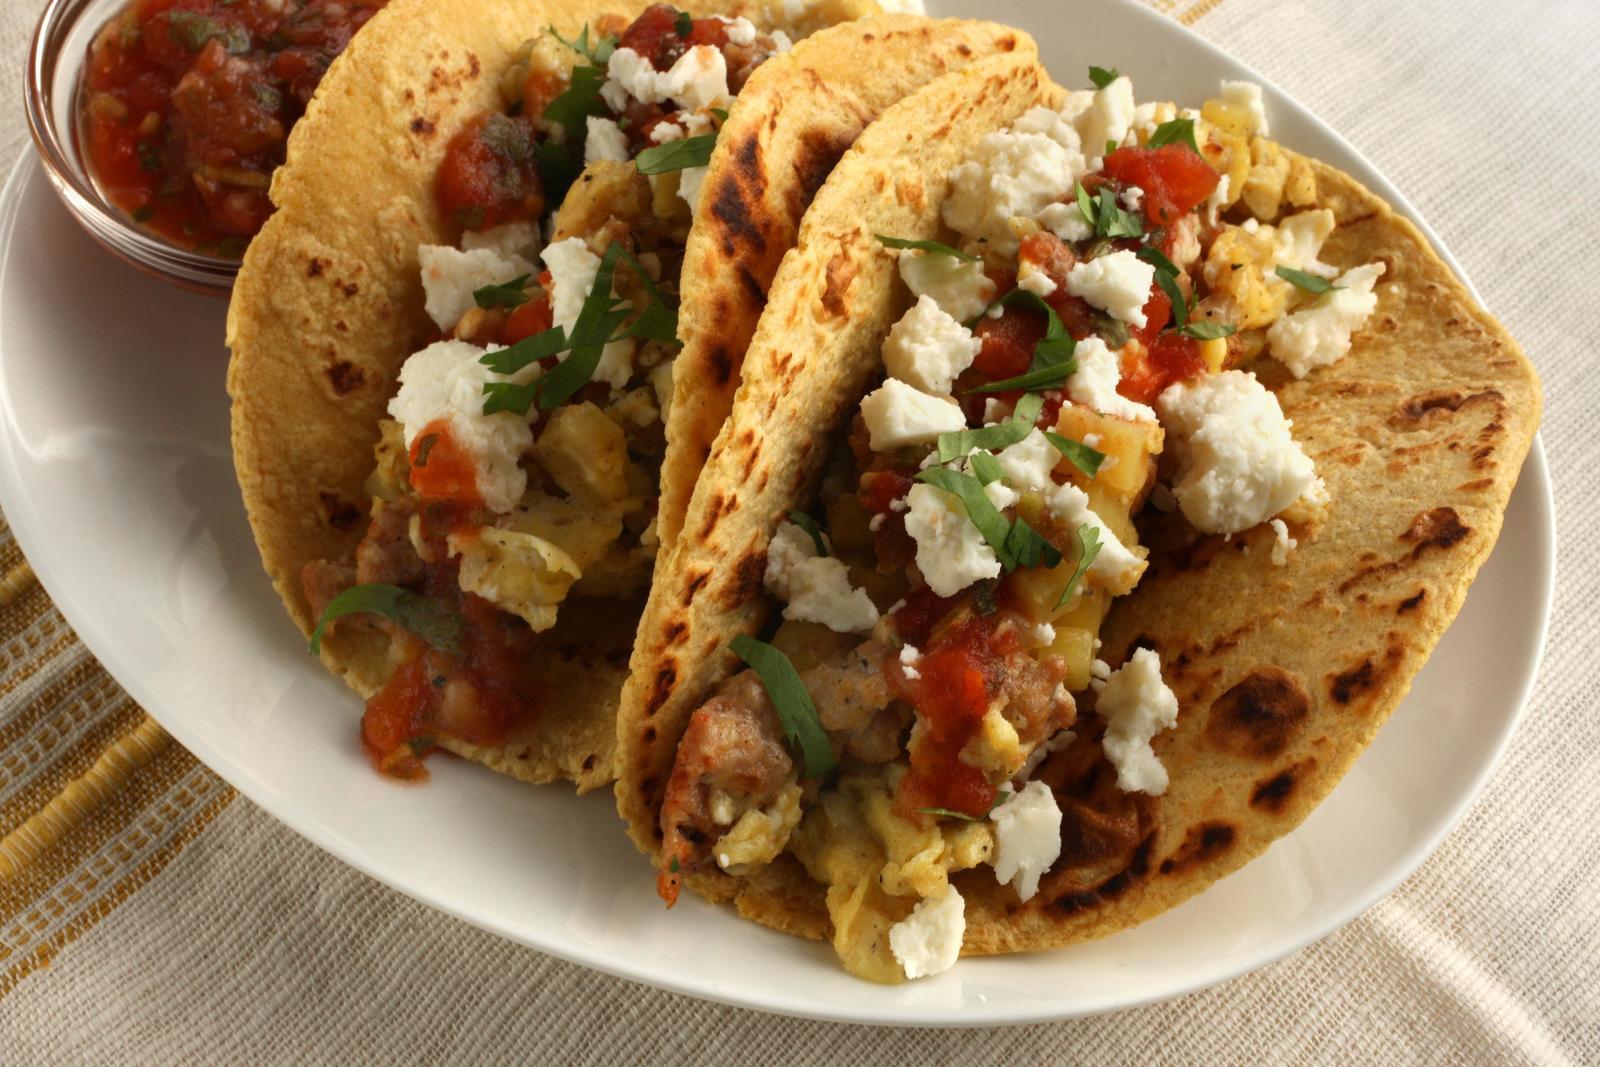 Chorizo Breakfast Recipes  14 Ridiculously Good Chorizo Recipes Chowhound